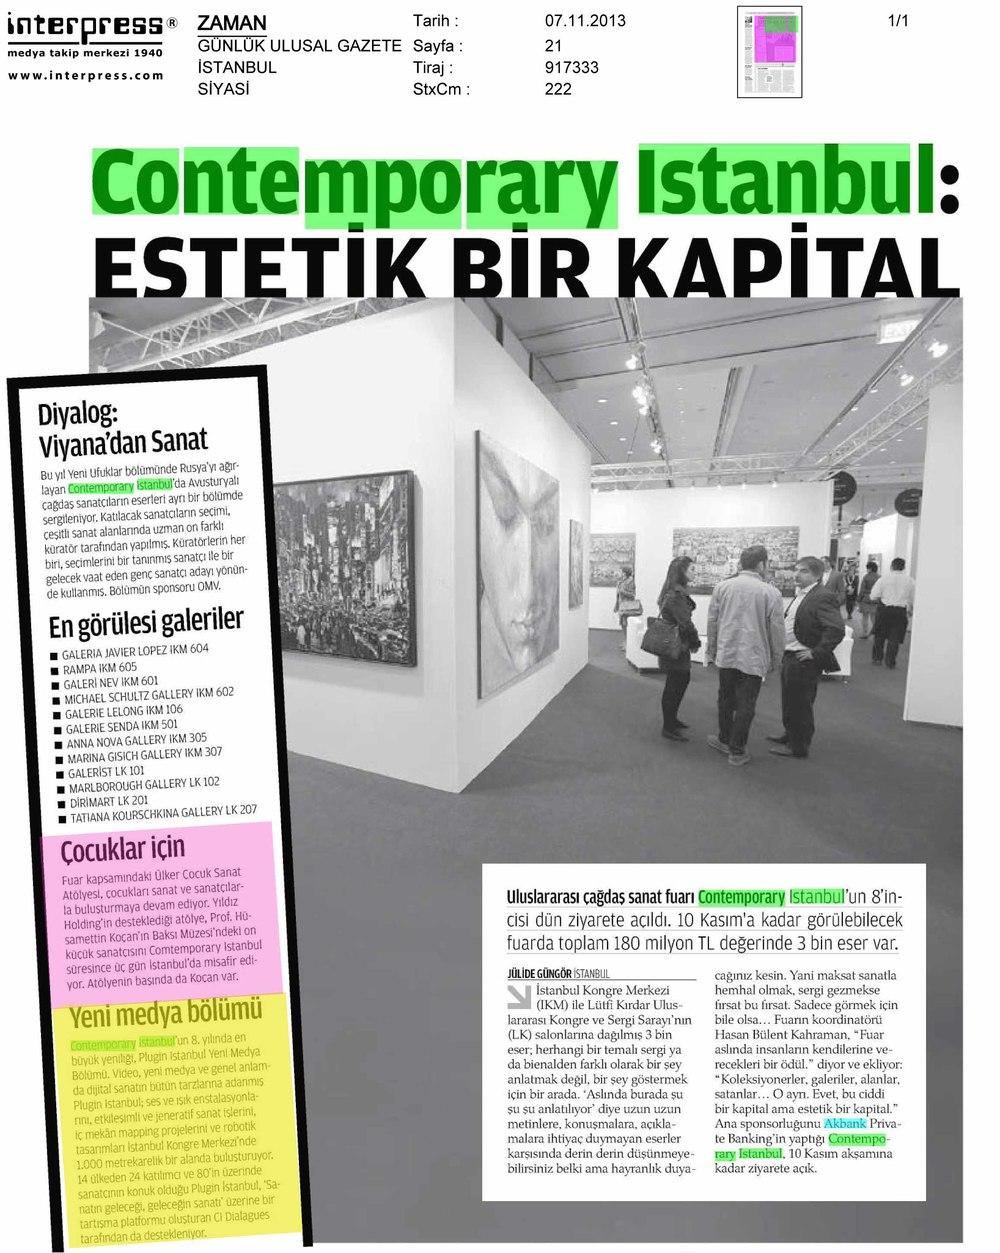 Zaman - Ulusal Günlük Gazete - 07.jpg